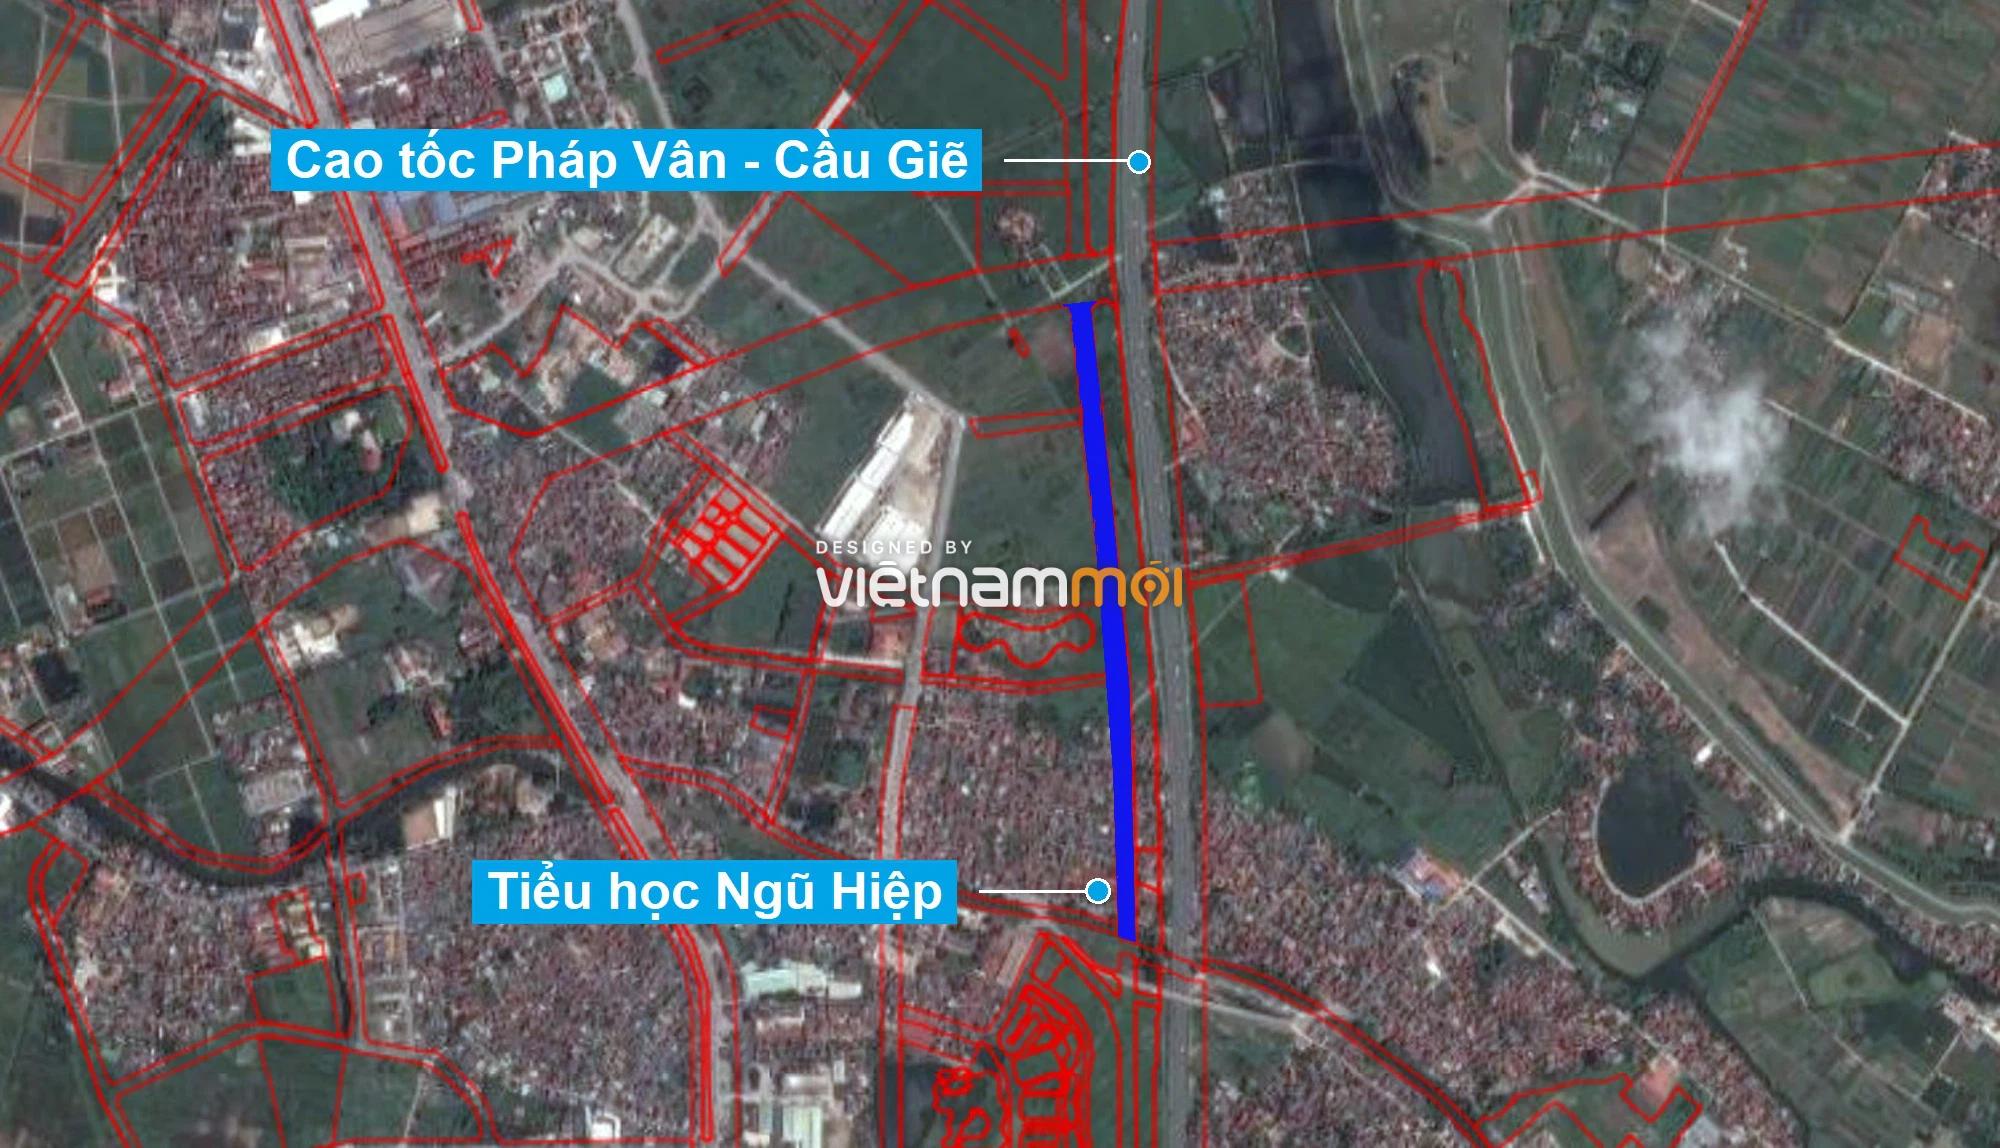 Những khu đất sắp thu hồi để mở đường ở xã Ngũ Hiệp, Thanh Trì, Hà Nội (phần 2) - Ảnh 2.